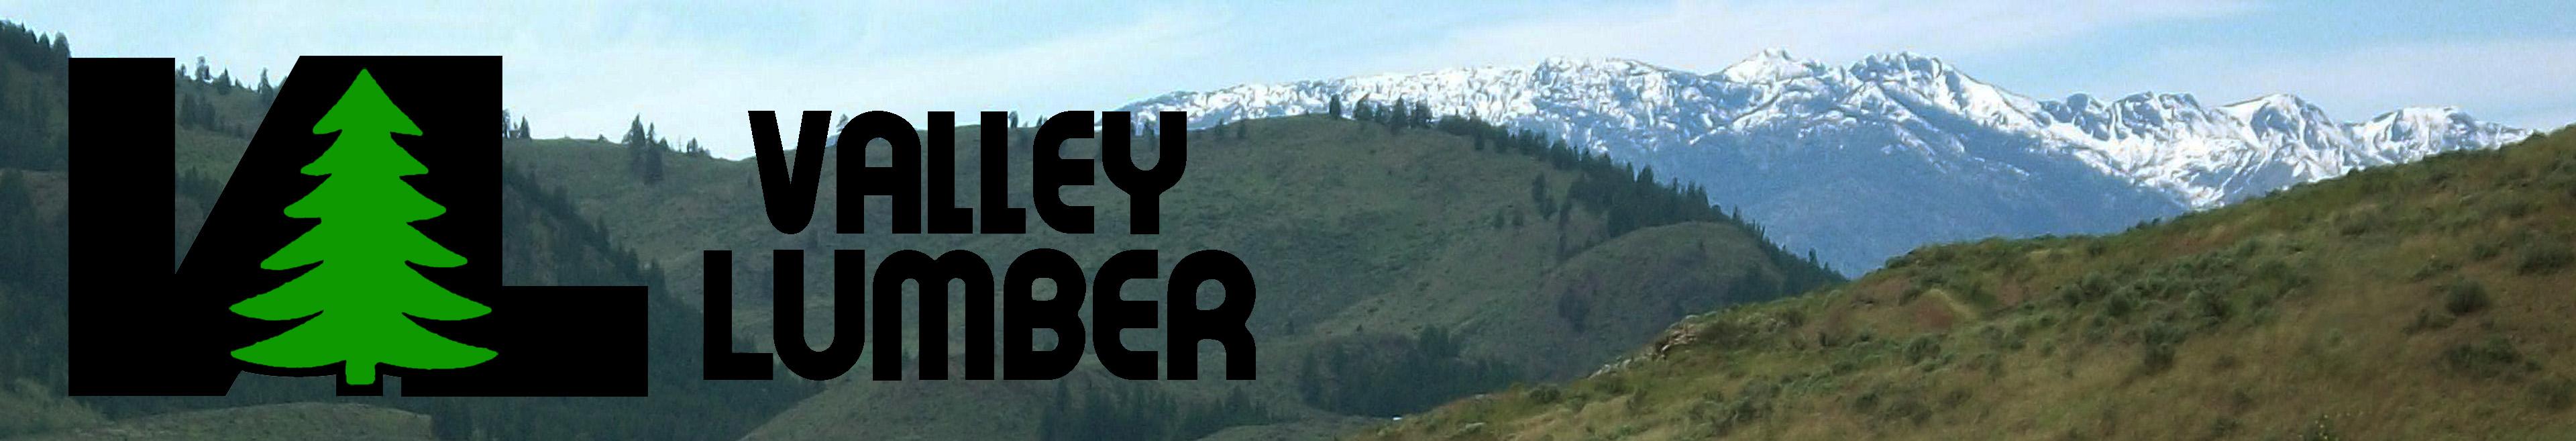 Valley Lumber logo